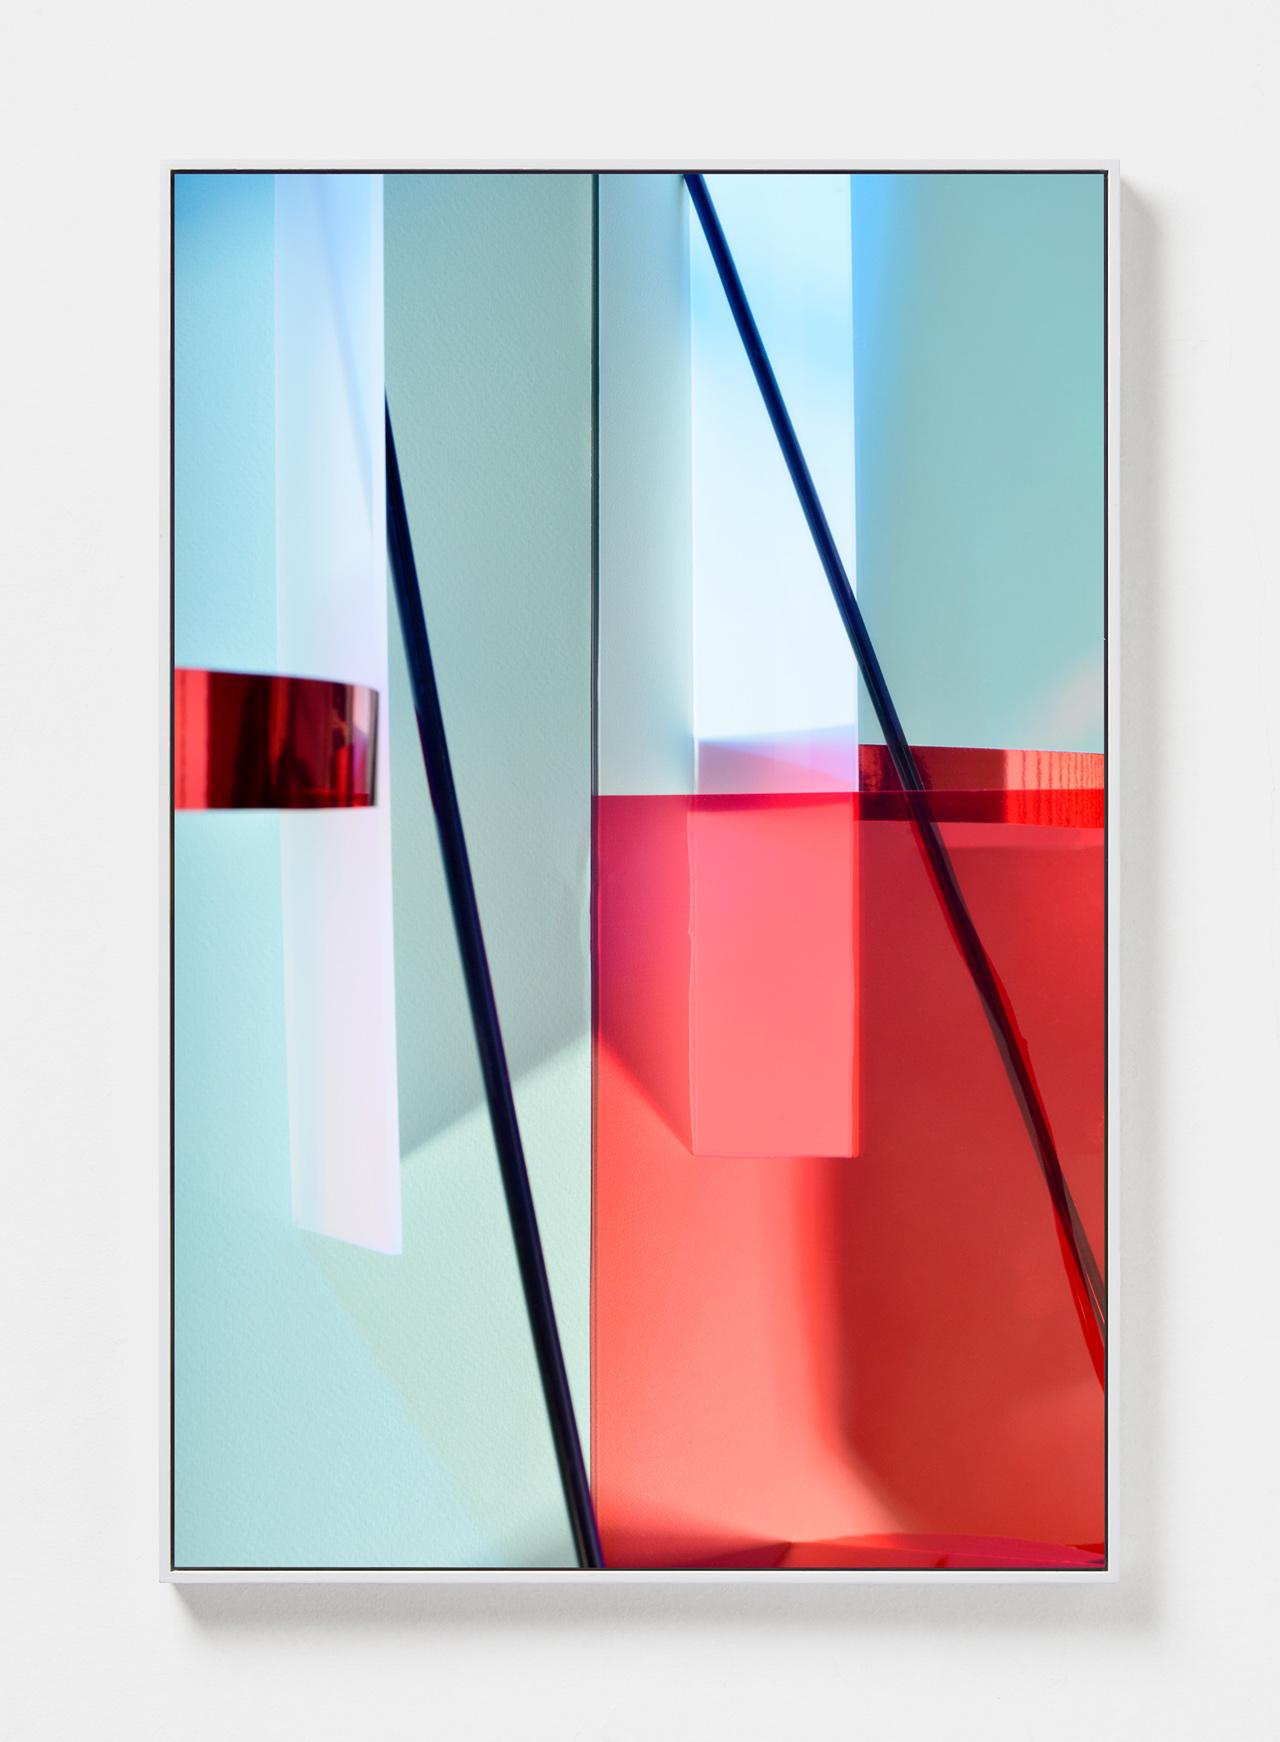 LYDIA WEGNER   Angled Light  2019 Archival inkjet print, steel frame 120 x 80cm